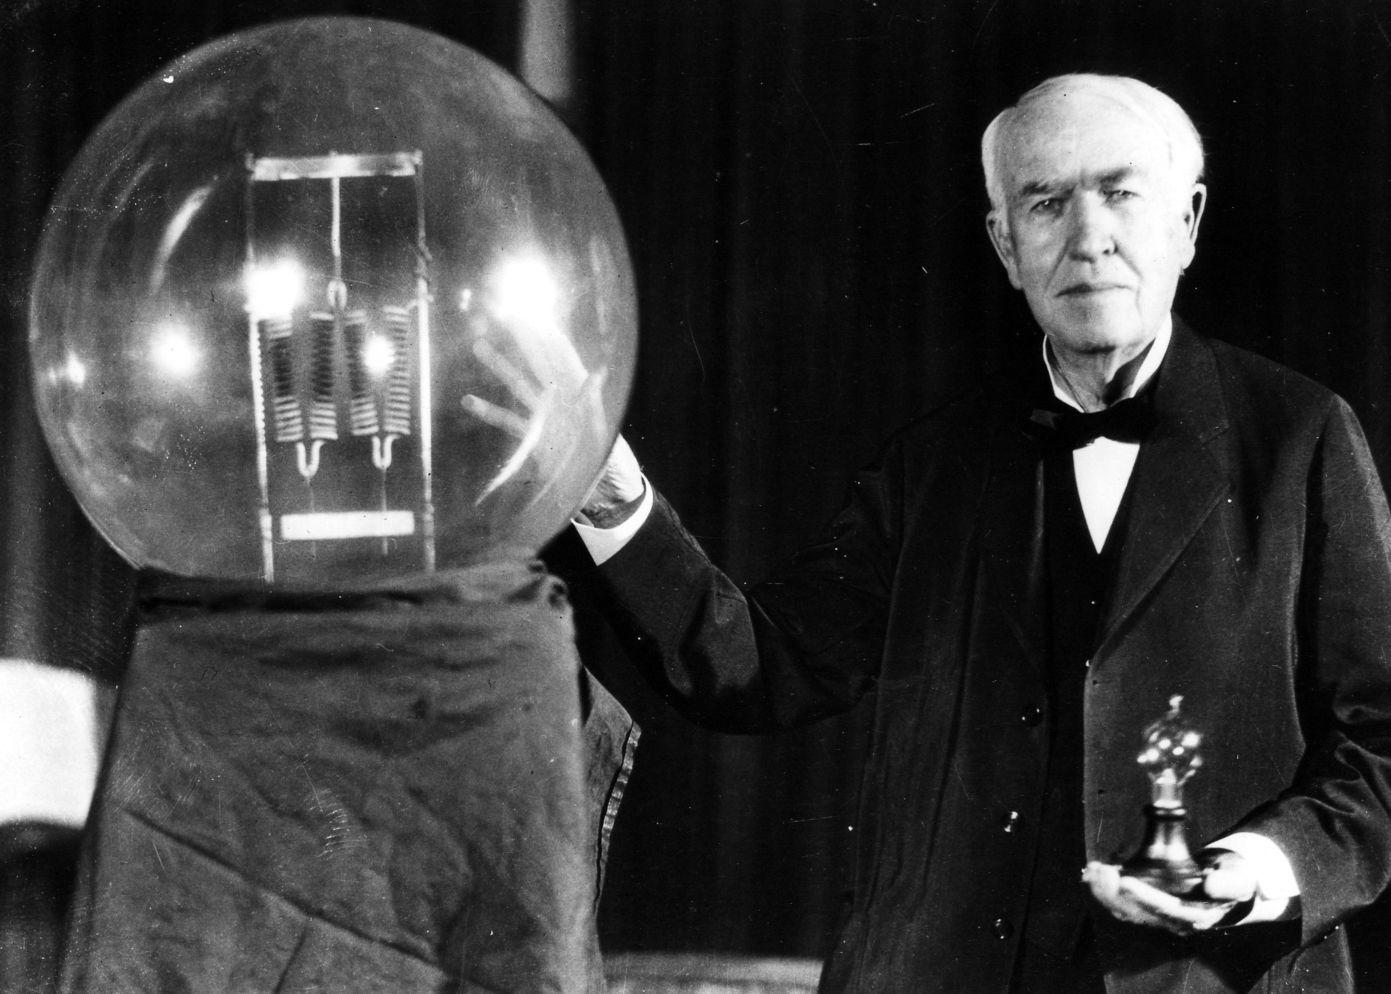 صور بحث مختصر عن اديسون